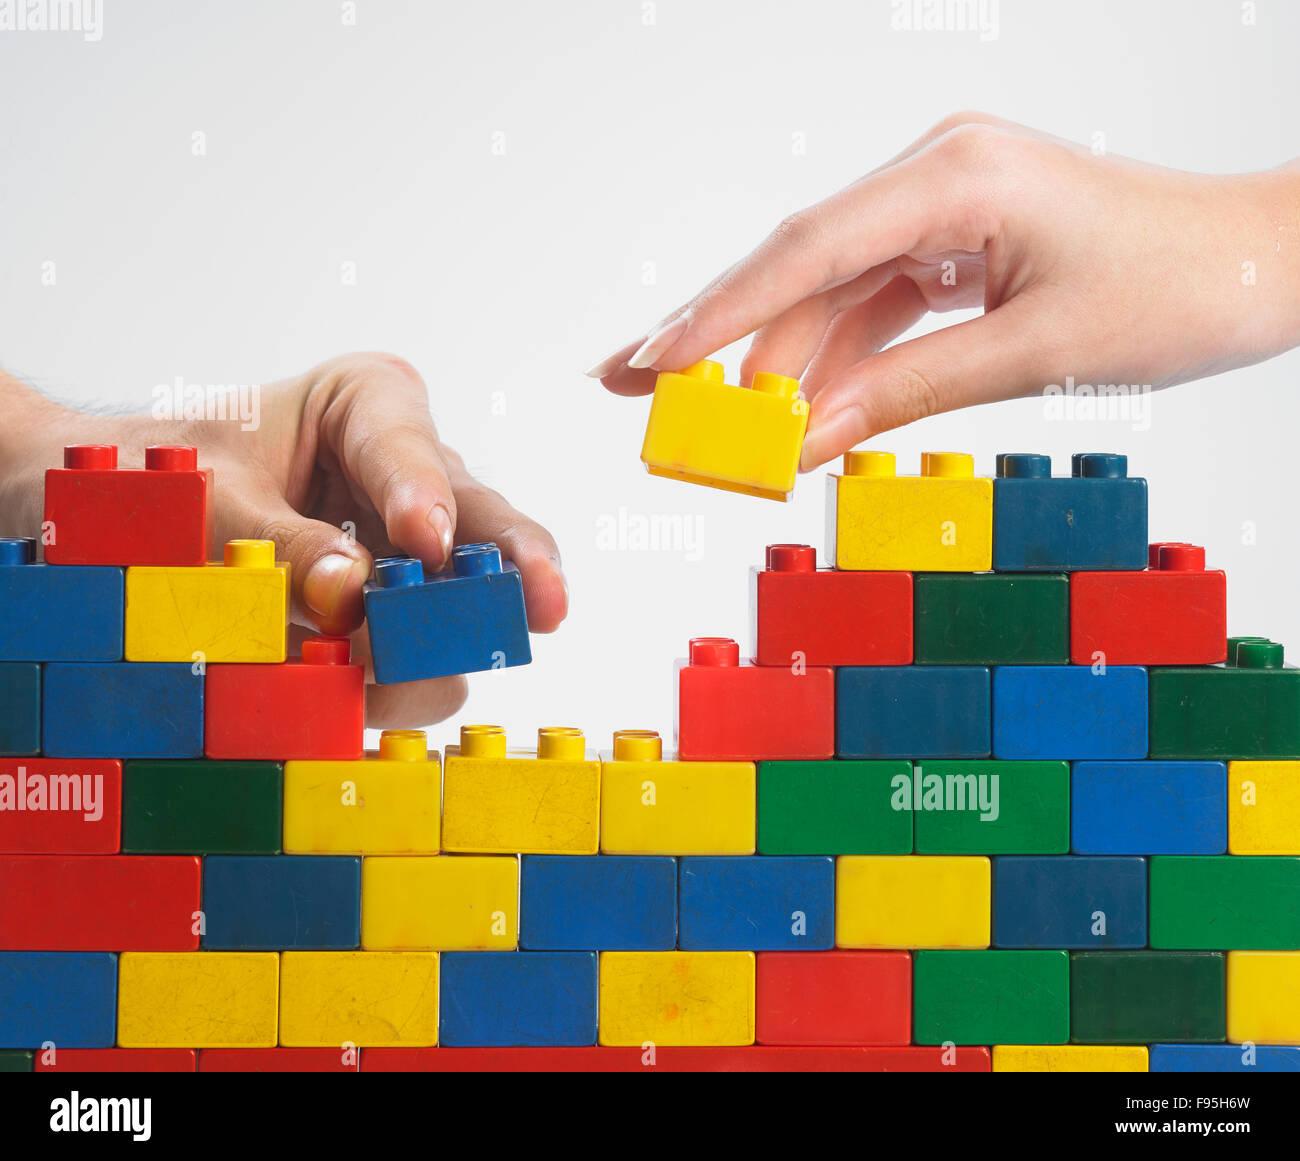 zwei hände teamarbeit stack-up lego set als wand auf weißem